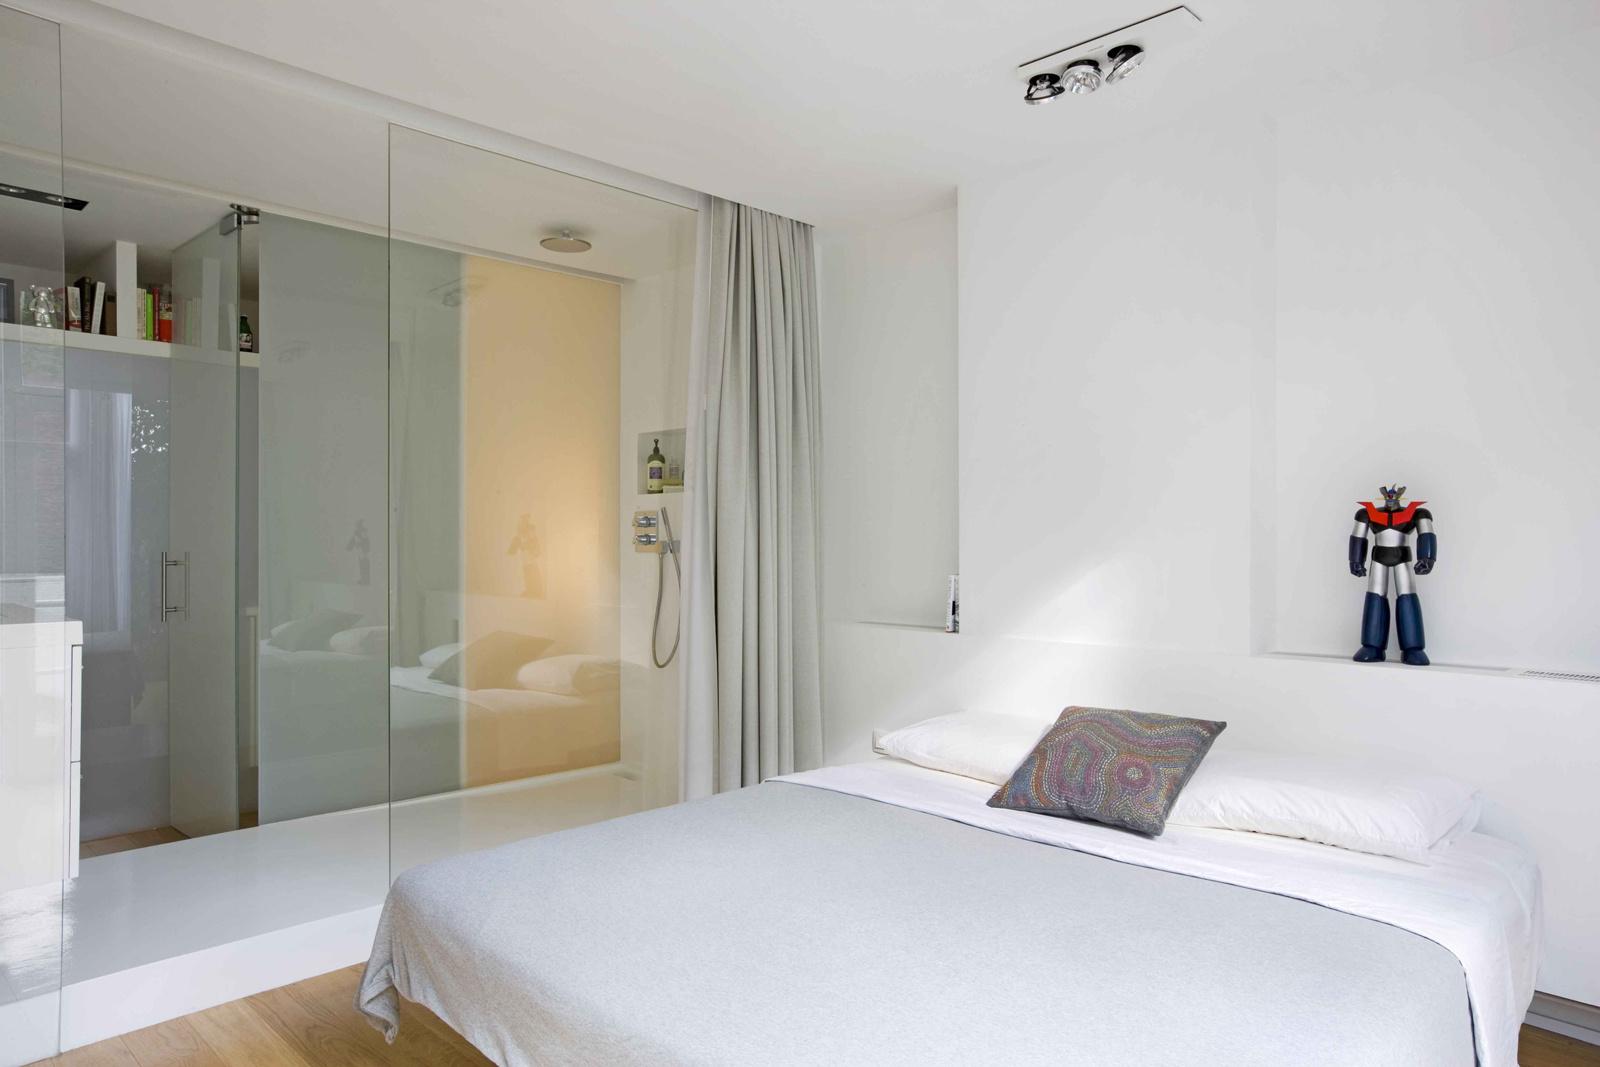 die wohngalerie lichtdurchflutet in wei und glas gekonntes aufhellen einer dunklen wohnung. Black Bedroom Furniture Sets. Home Design Ideas